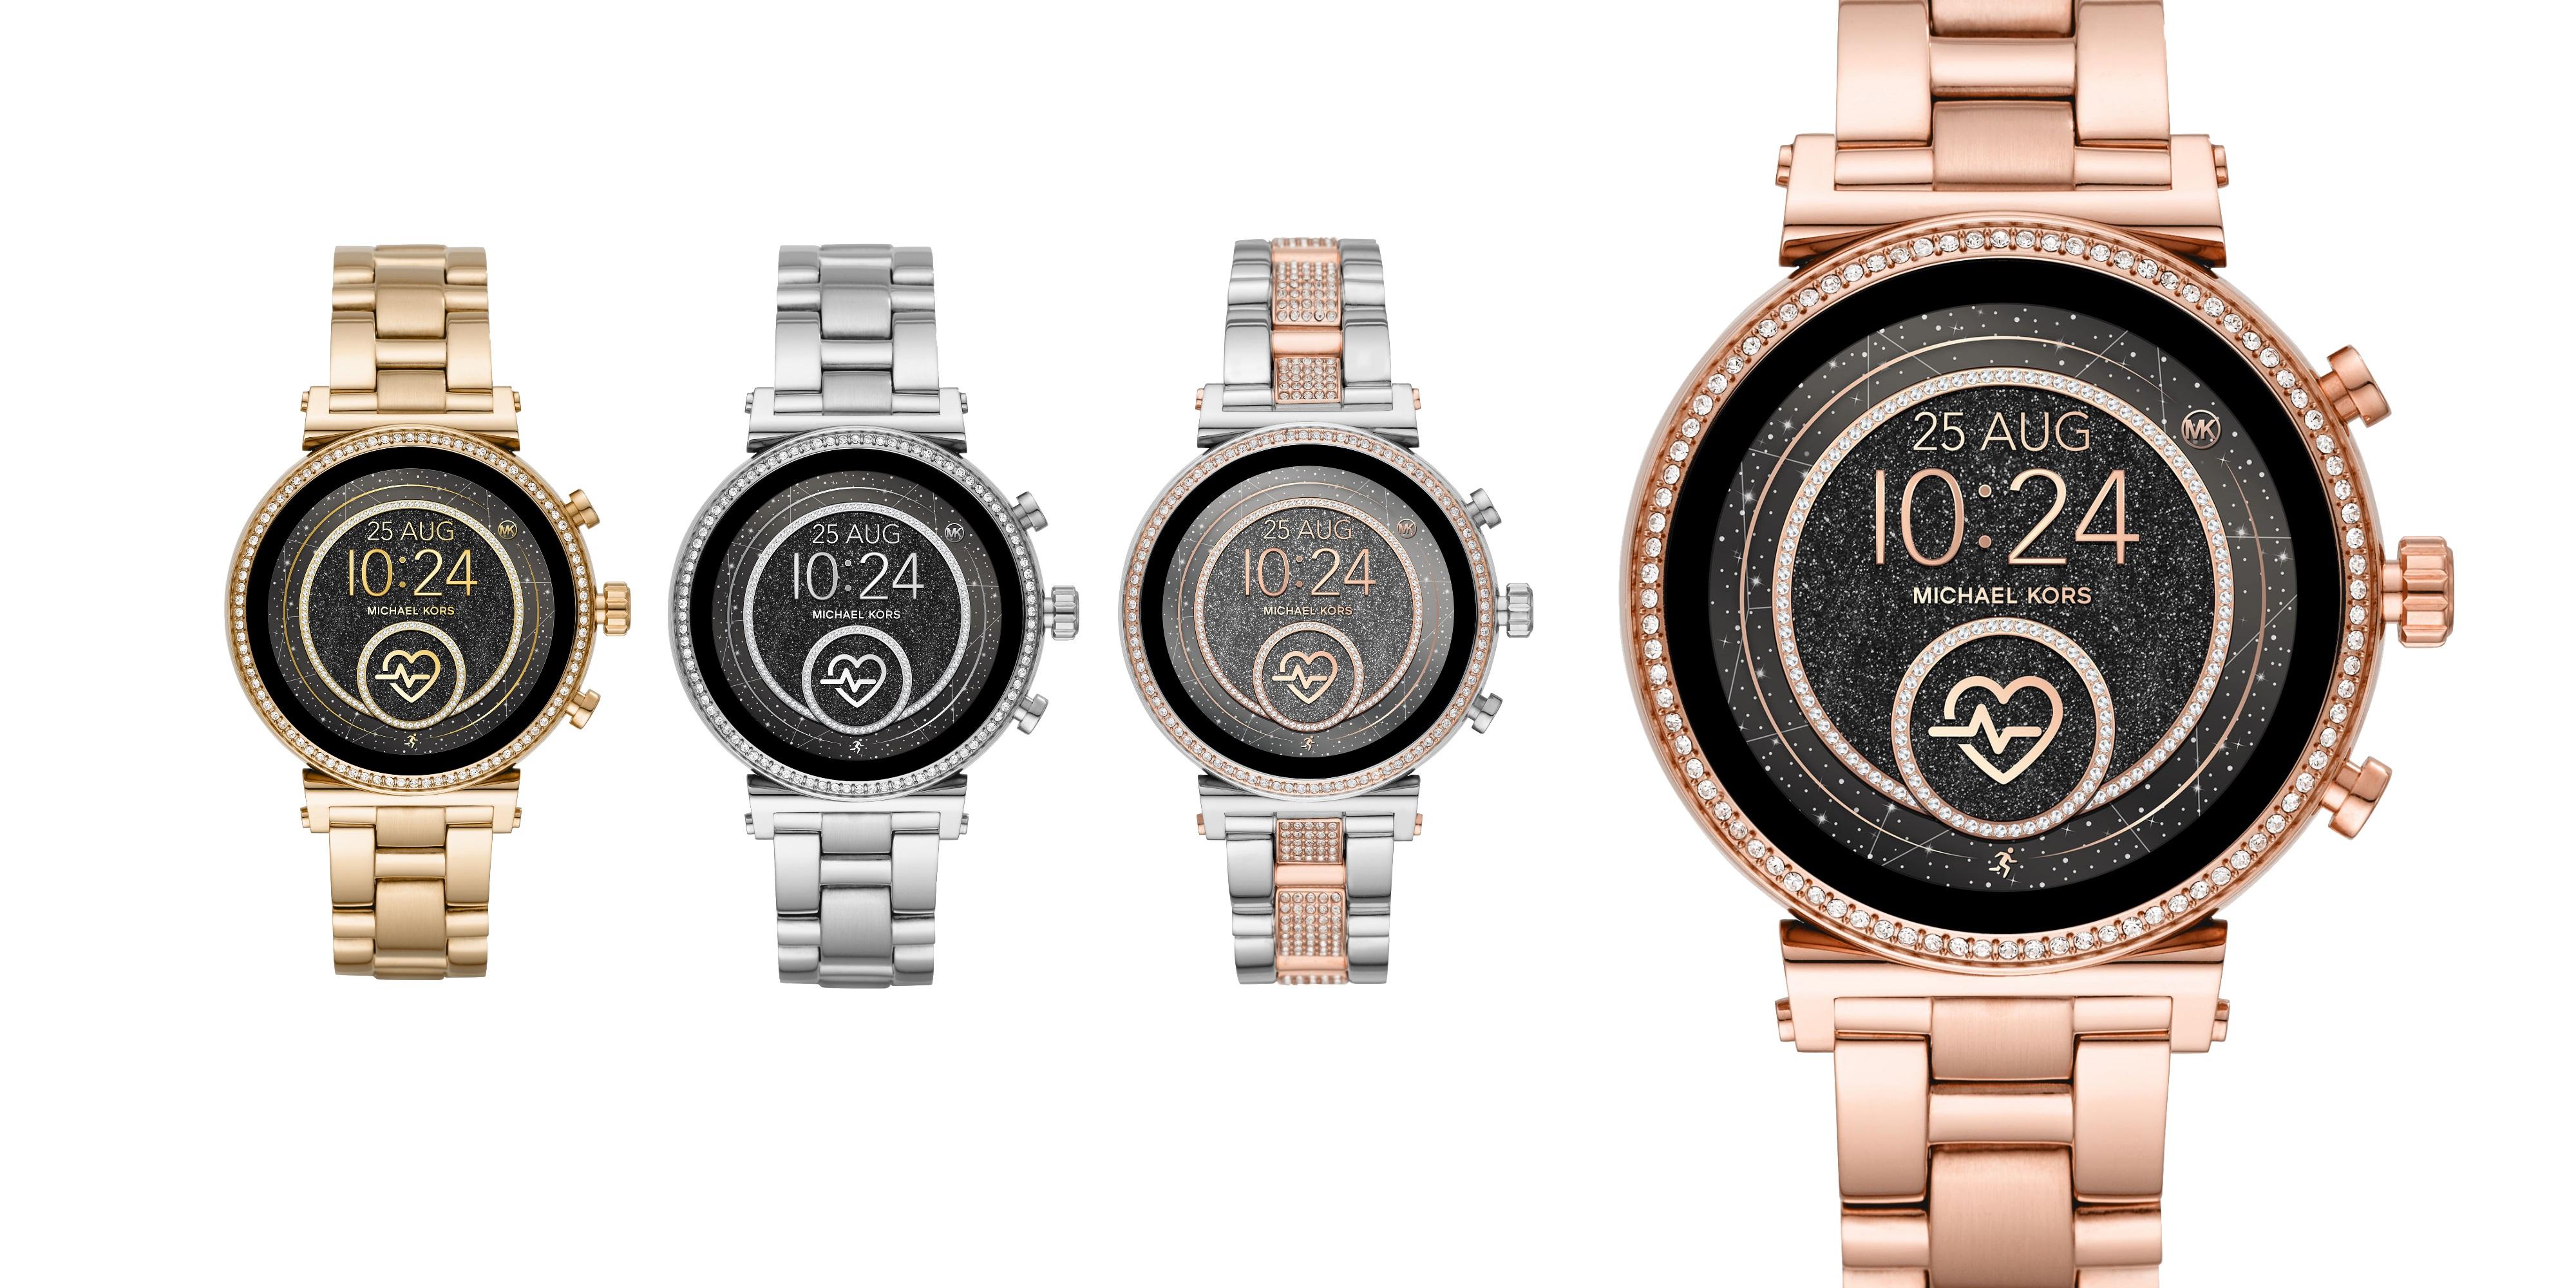 f2b4b1d9b74 Die Sofie 2.0 Smartwatch von Michael Kors erscheint im Sommer 2019 in vier  Farbvarianten (Quelle: Hersteller).